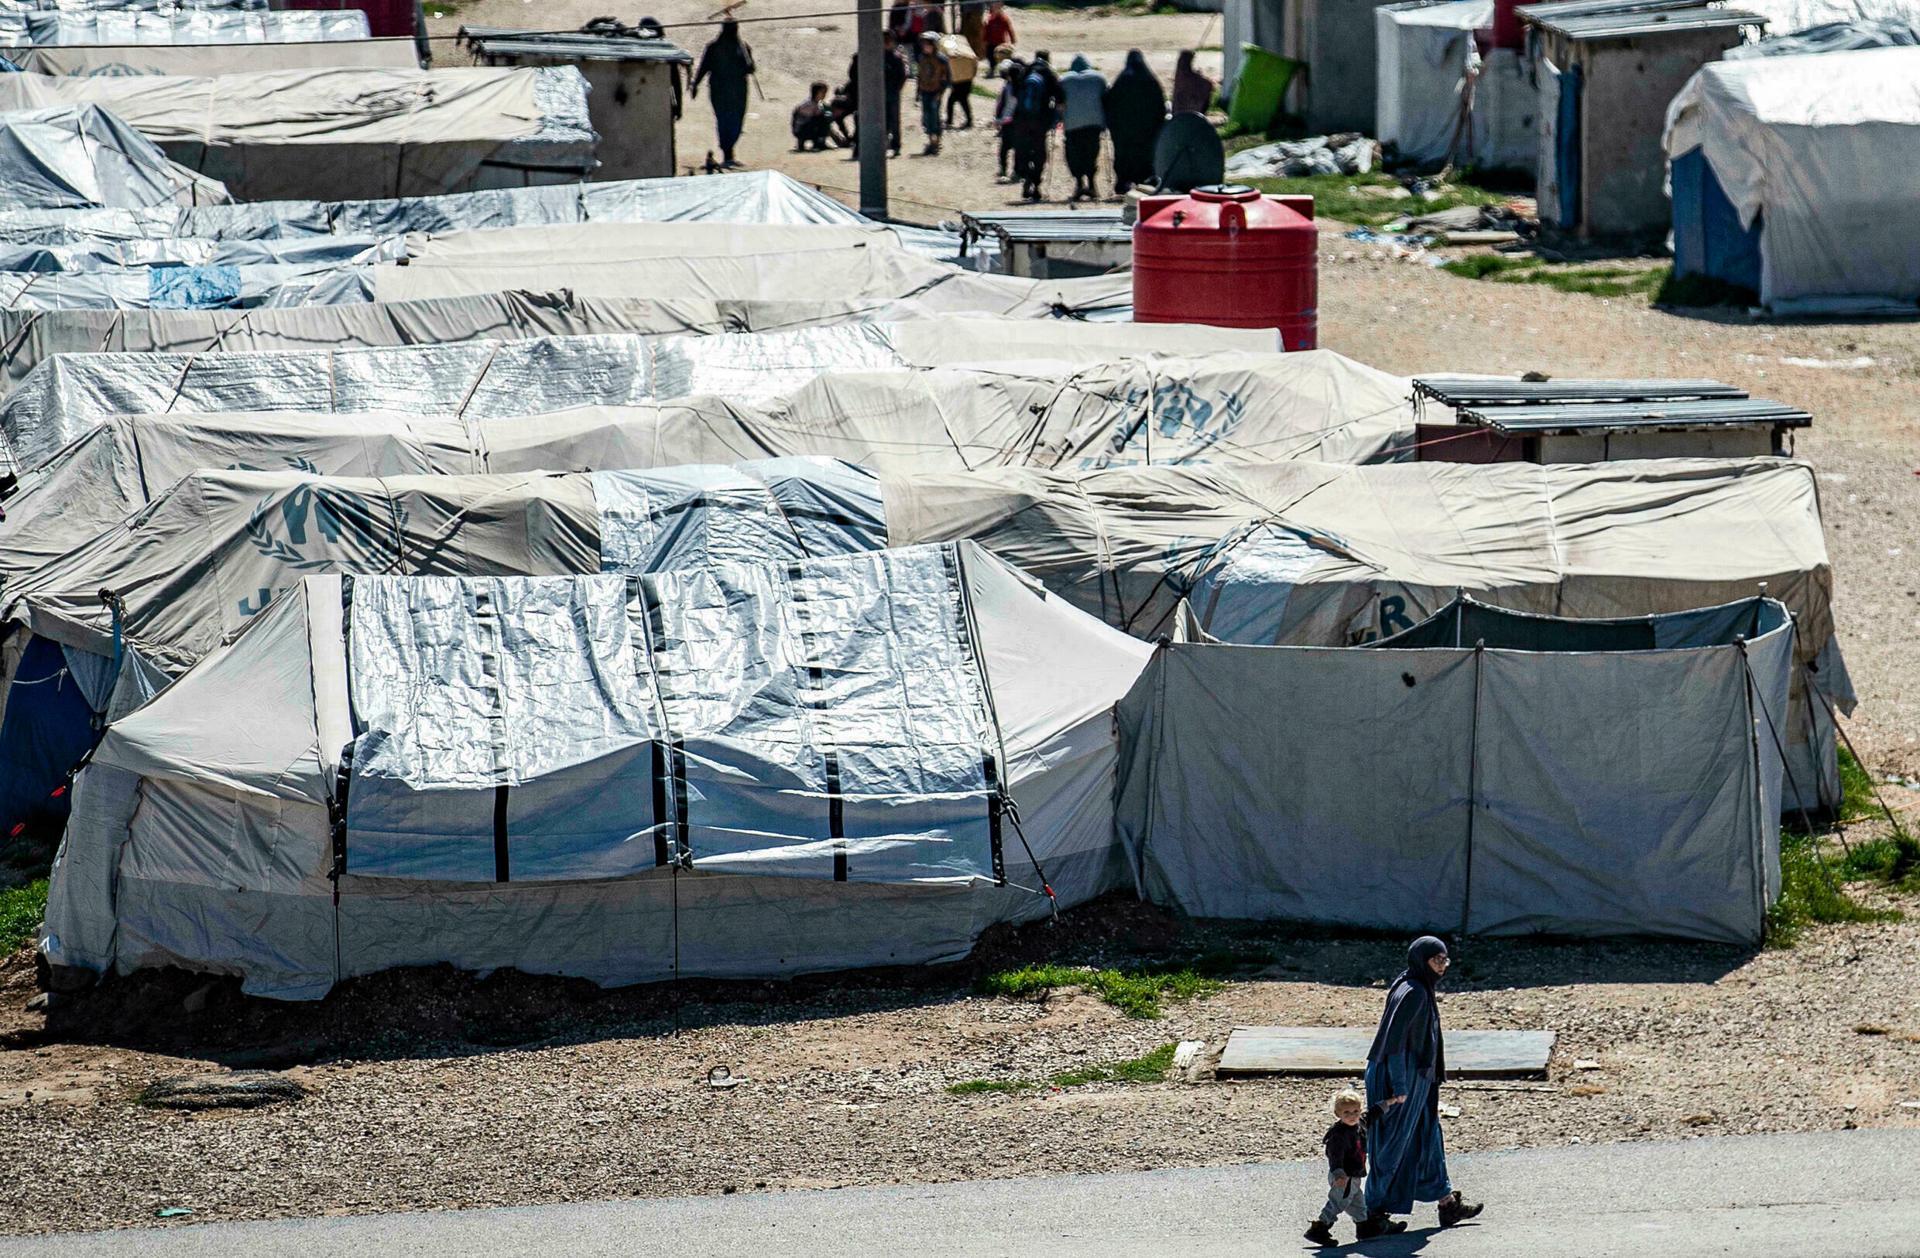 سوريا: مسلحون أكراد يختطفون أطفالا مغاربة من أحضان أمهاتهم